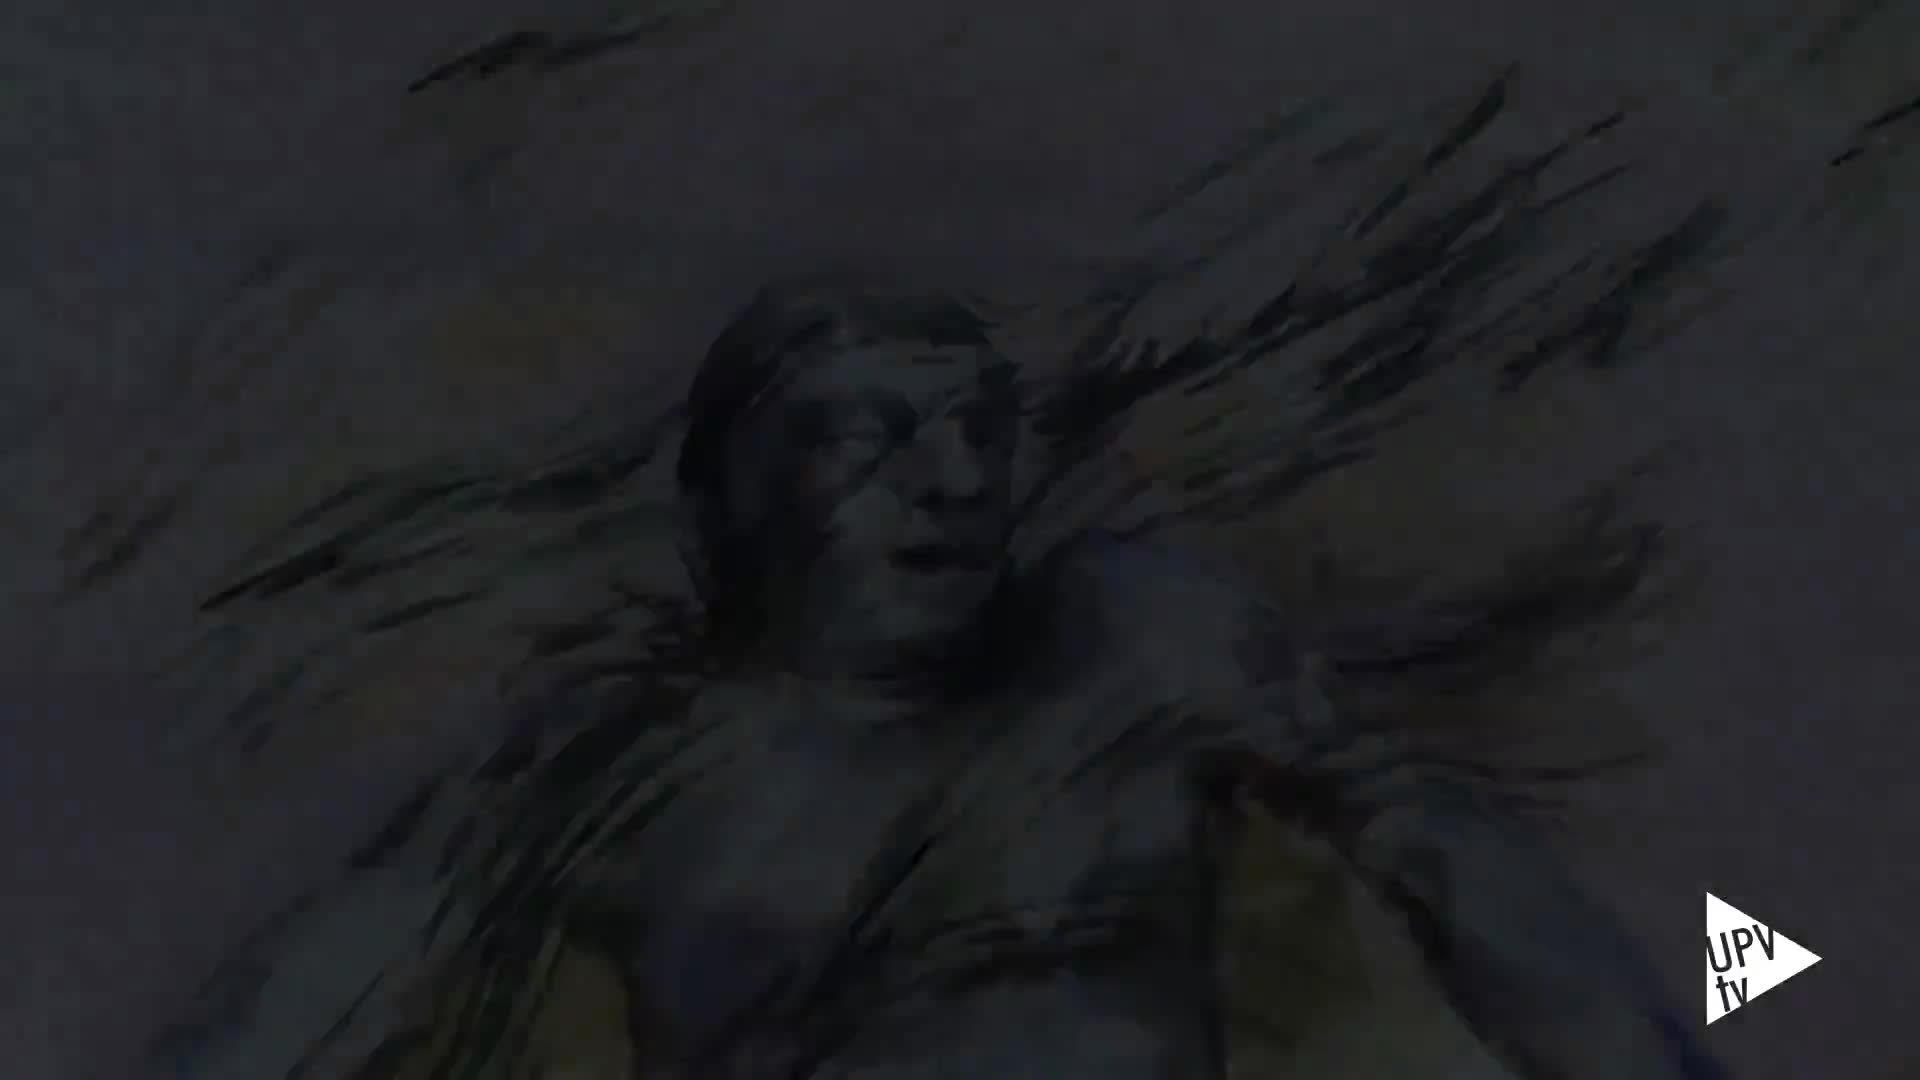 18-12-2015 Corto de animación nominado a los Goya